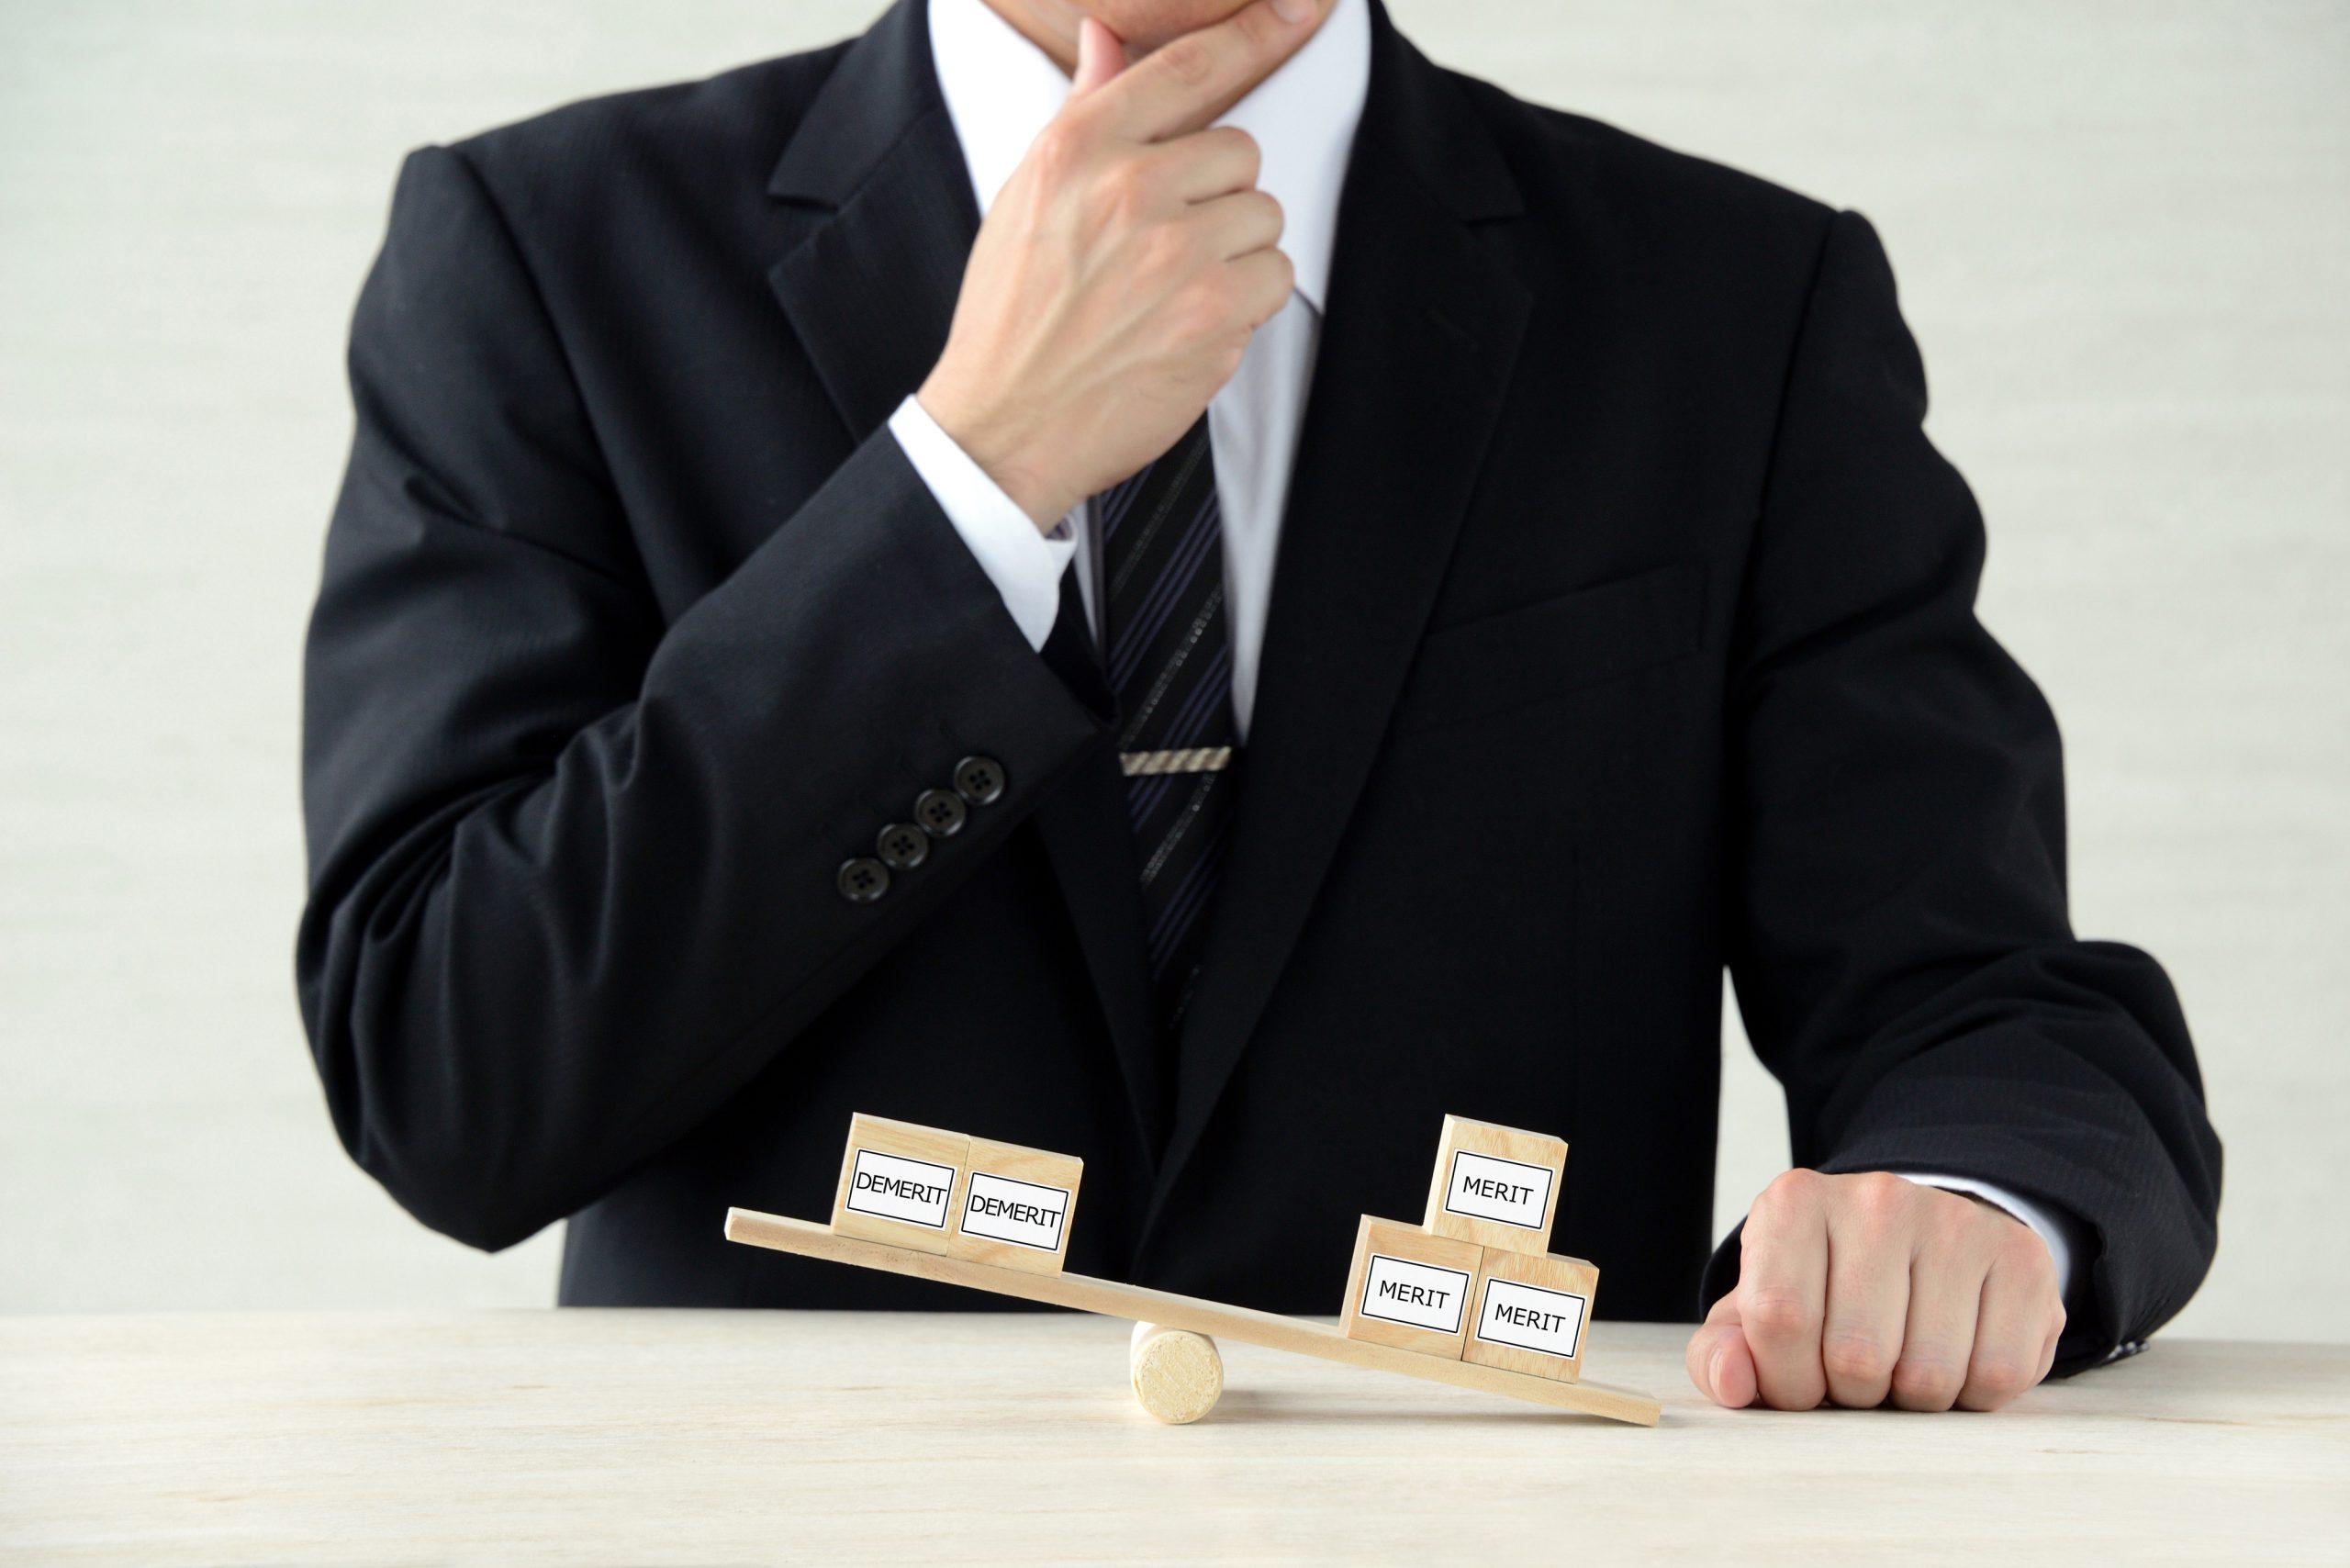 【銀行融資との違い解説】ノンバンクのビジネスローンのメリットとは